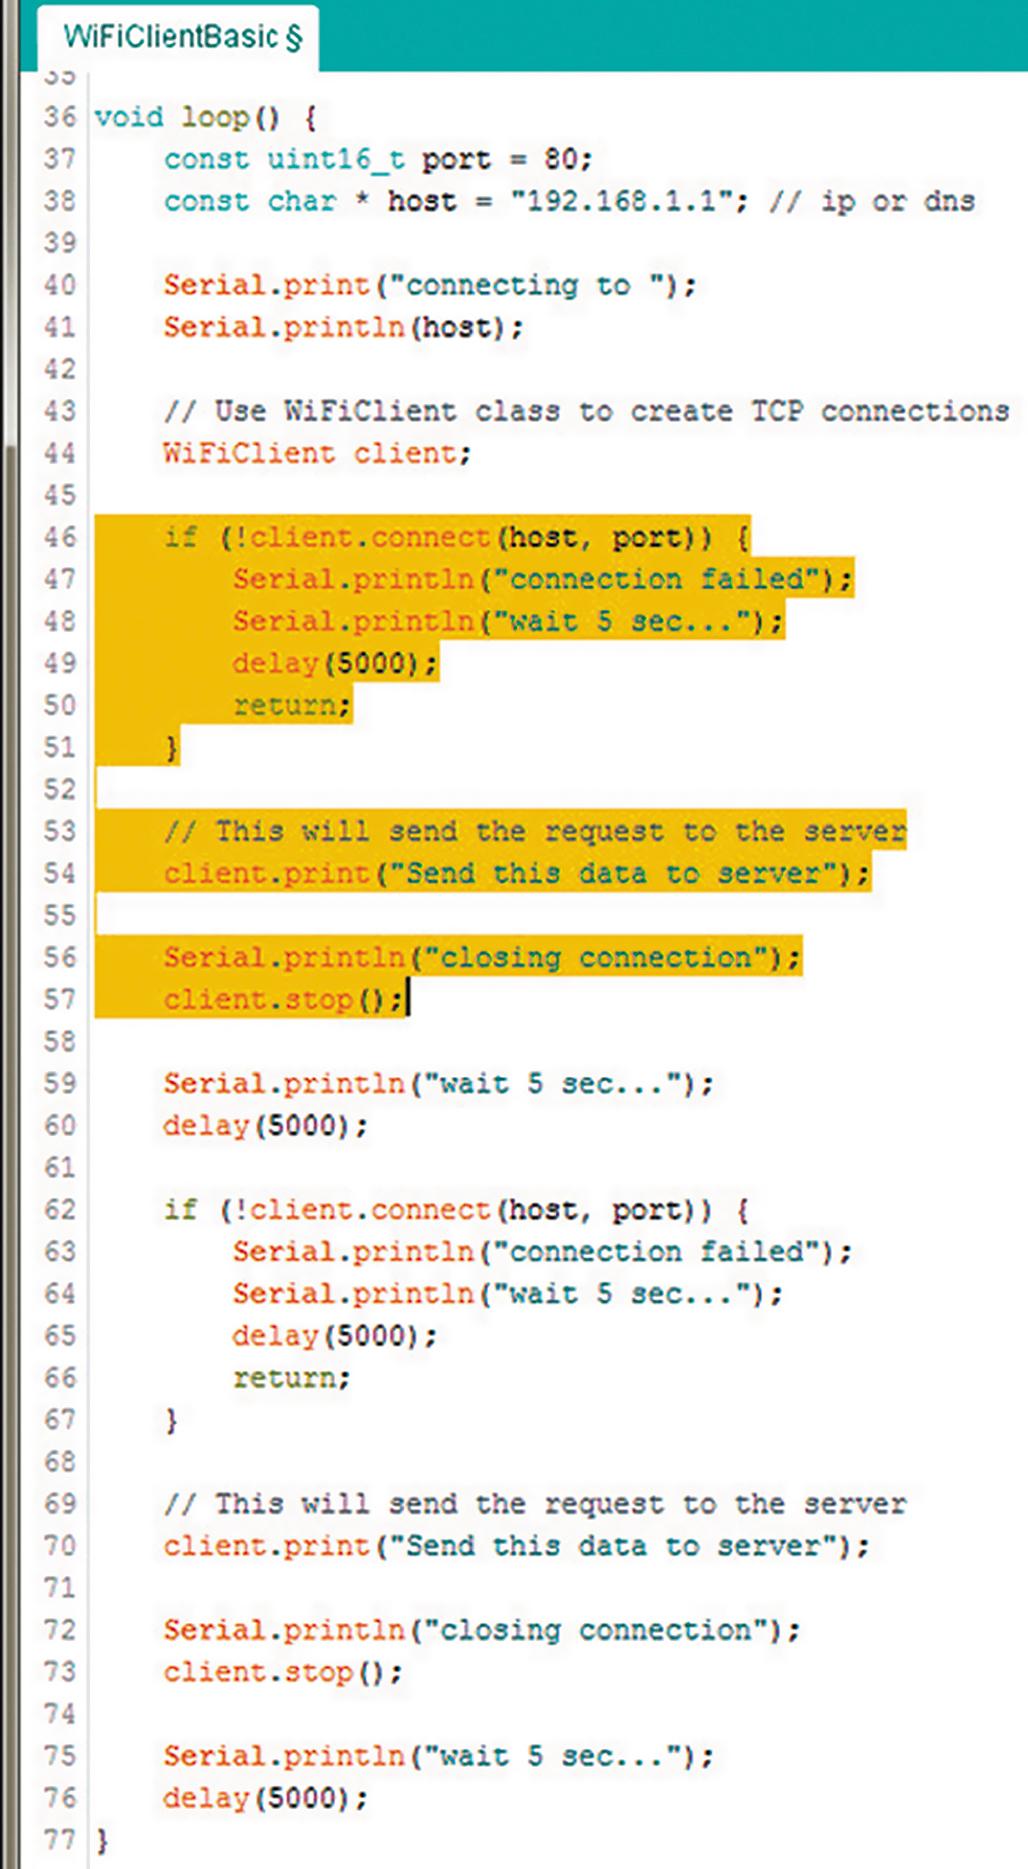 Модифицированная функция loop